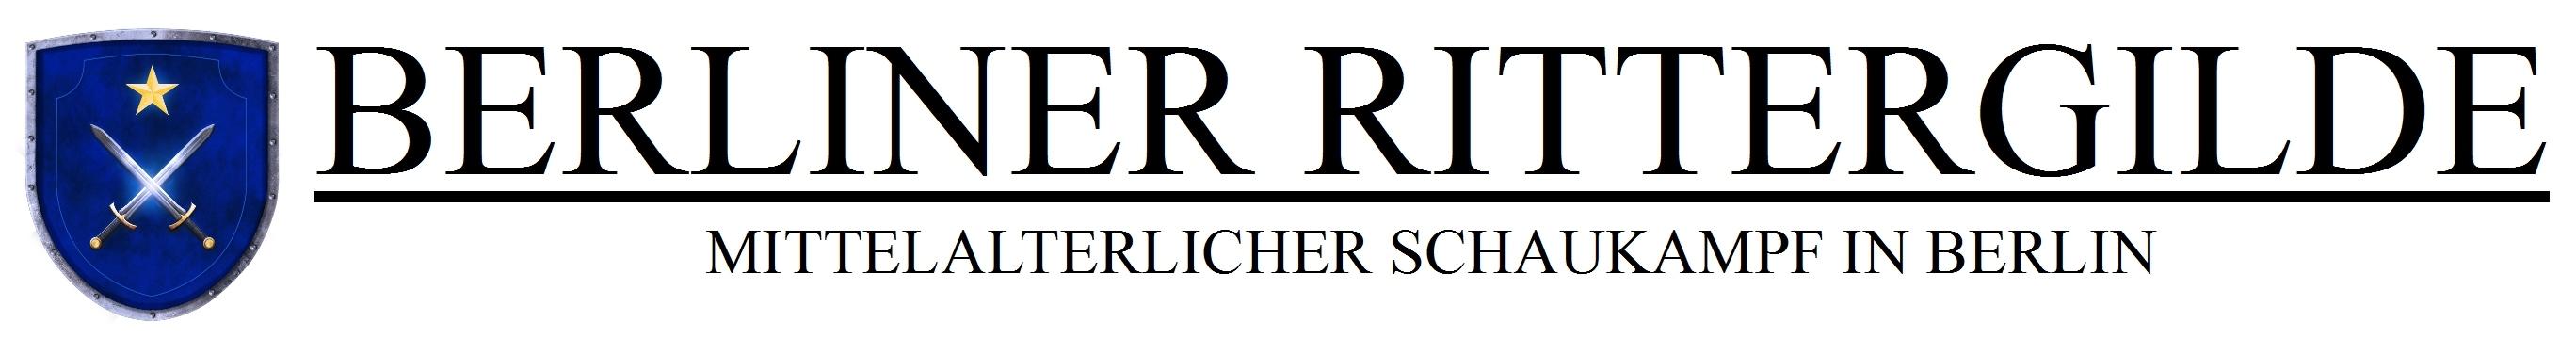 Berliner Rittergilde – der mittelalterliche Schaukampf Verein